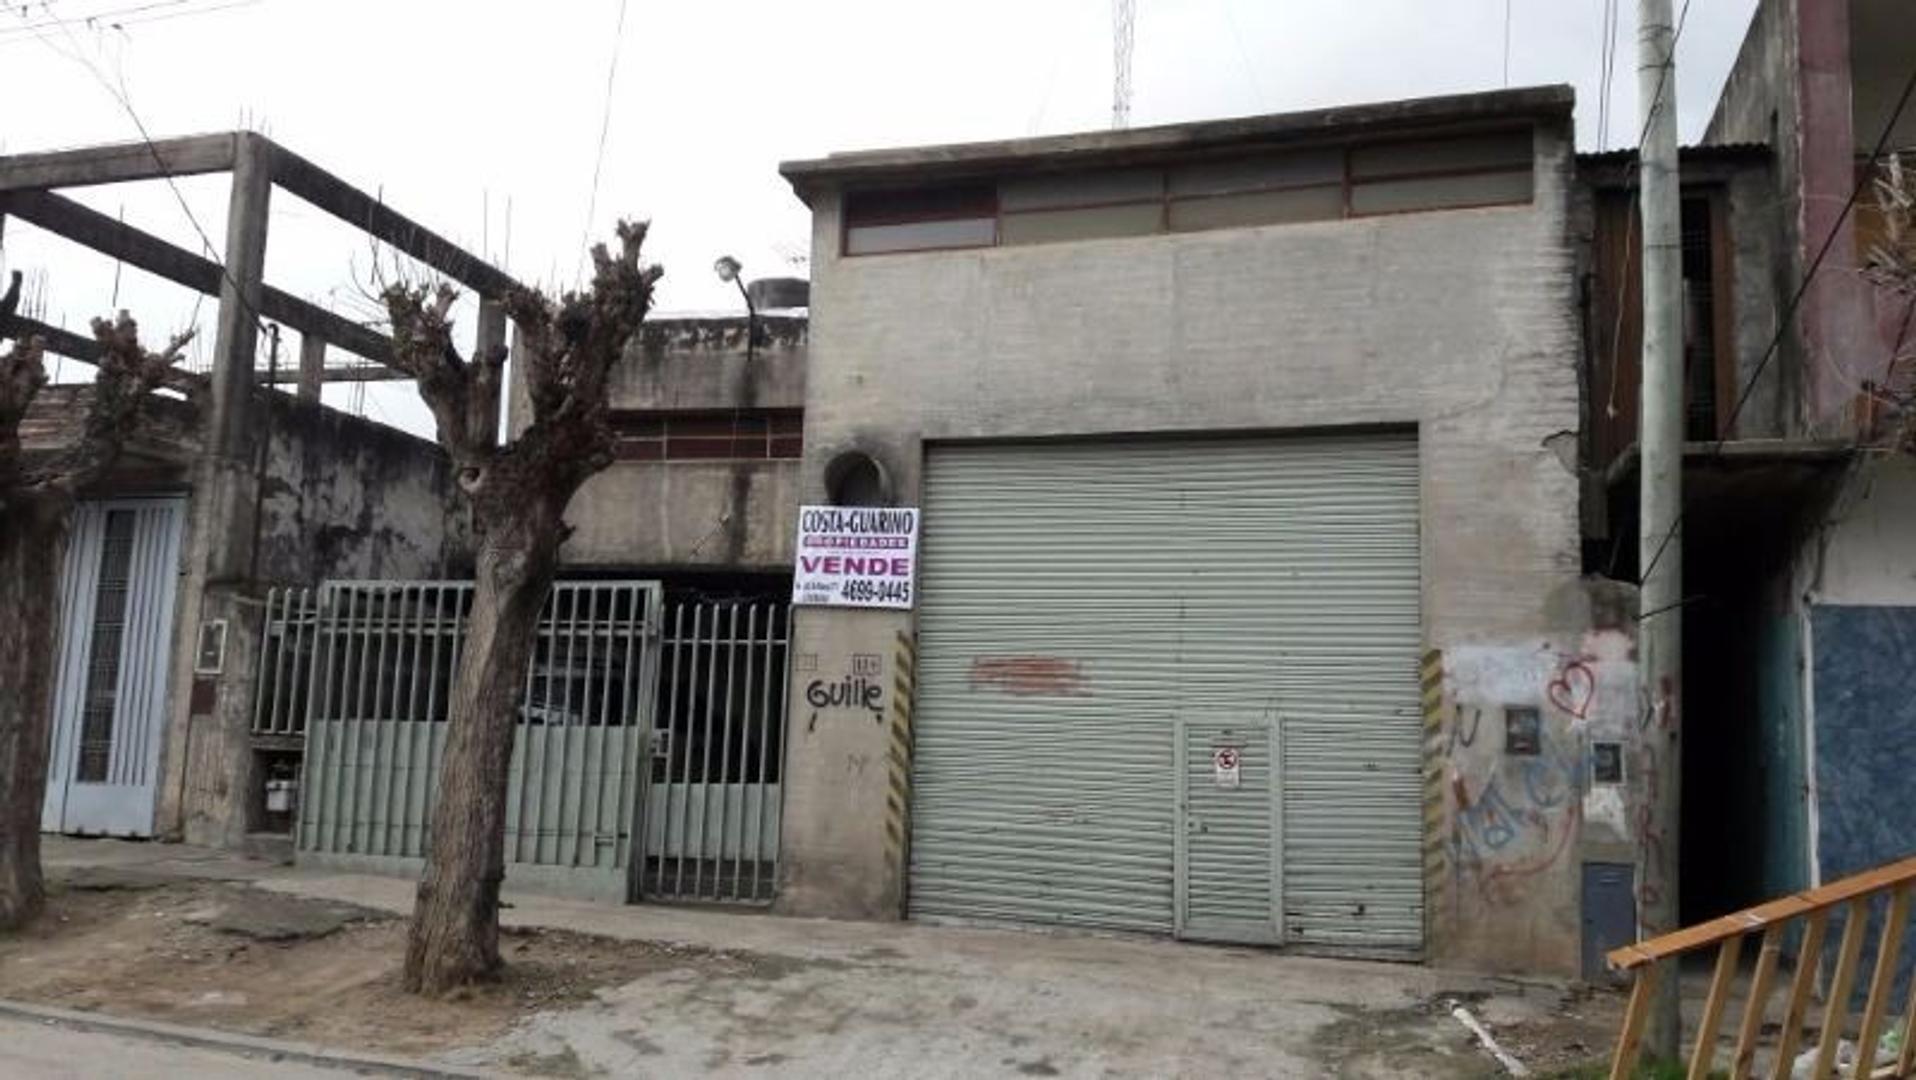 GALPÓN DE 400 M2 EN ZONA INDUSTRIAL, EXCELENTE UBICACION CON 2 OFICINAS, PATIO Y DEPÓSITO